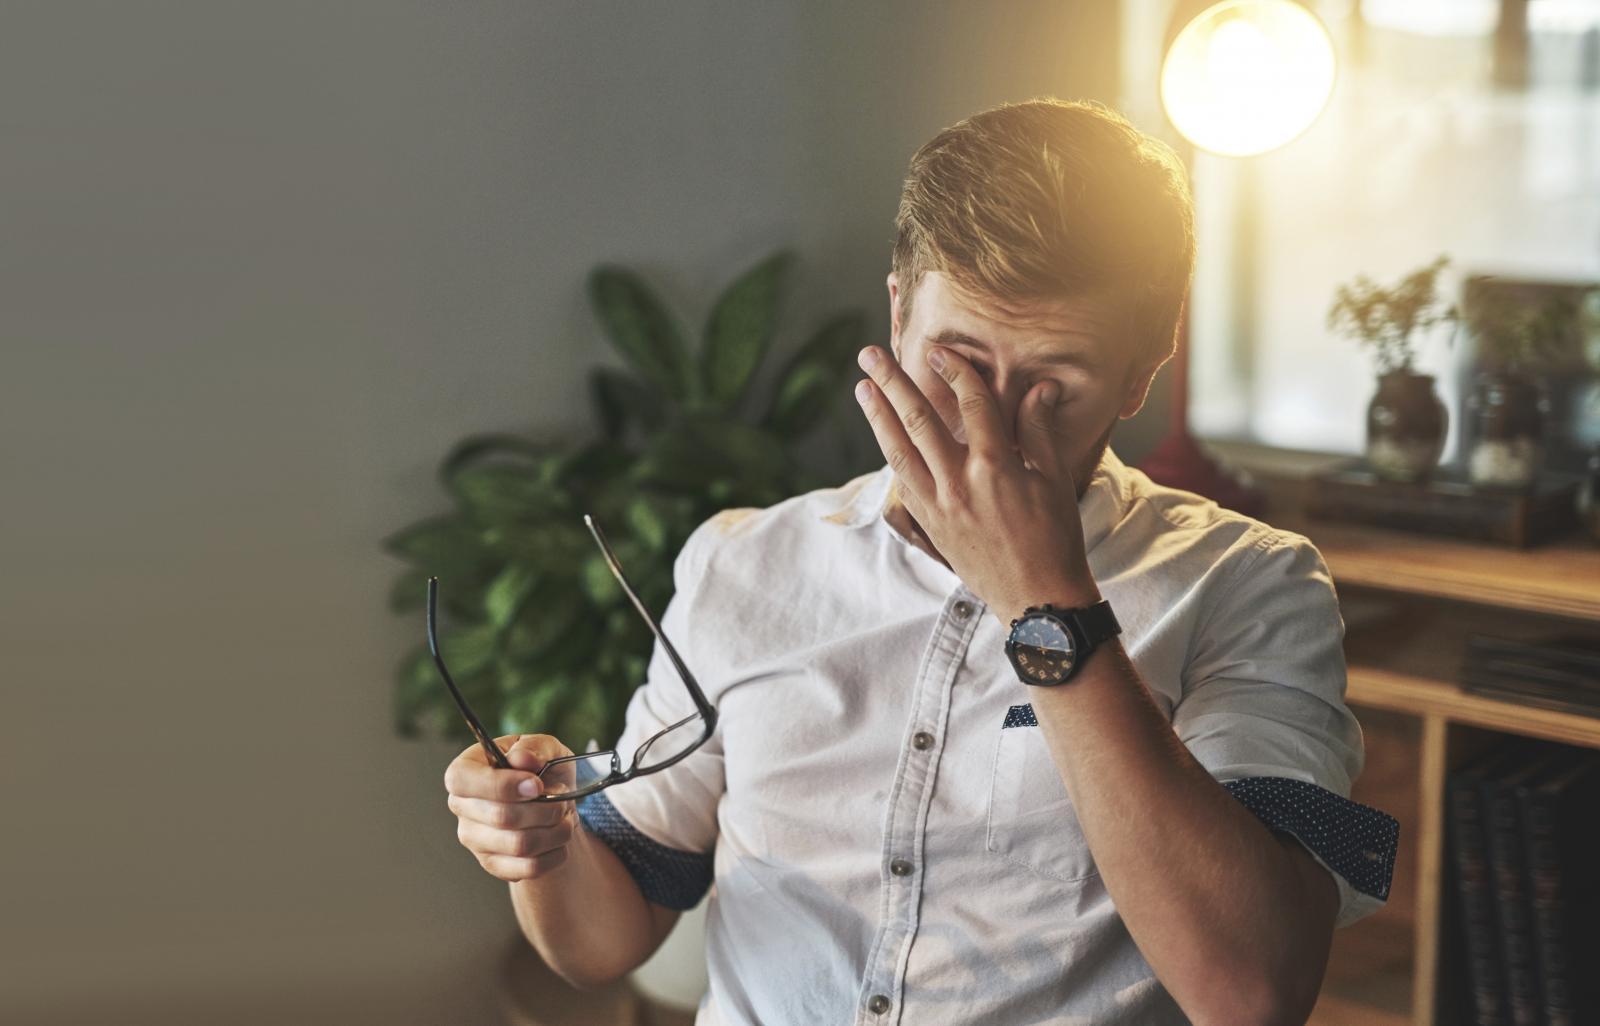 Dosta vam je i naočala i leća? A i glava vas sve češće boli? Ovo je prilika za vas!